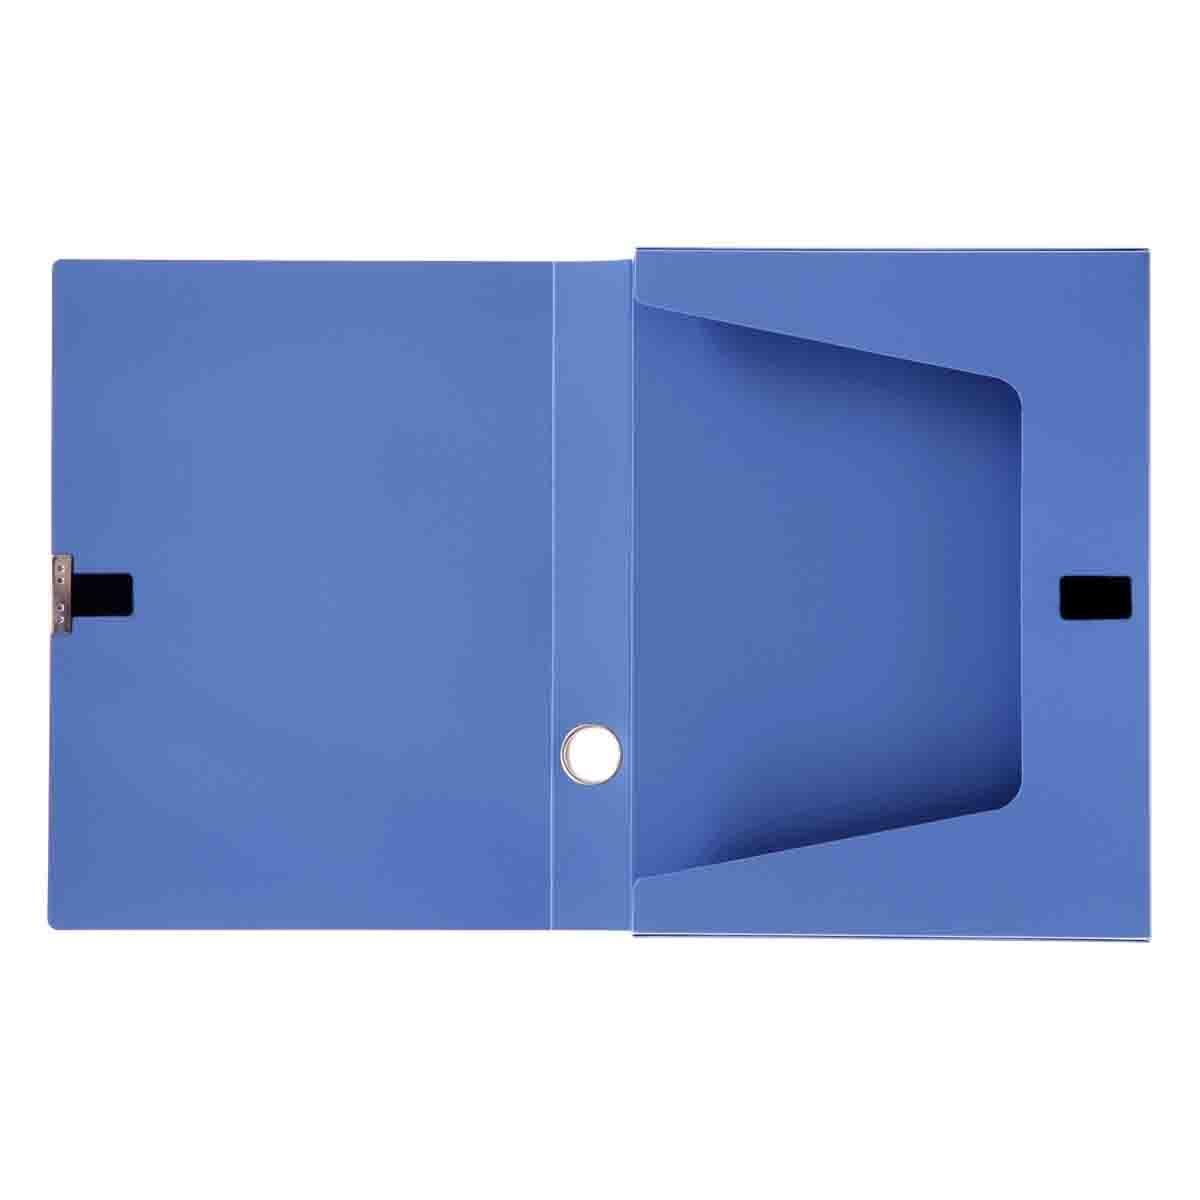 出售河北优良的档案盒-价格合理的档案盒